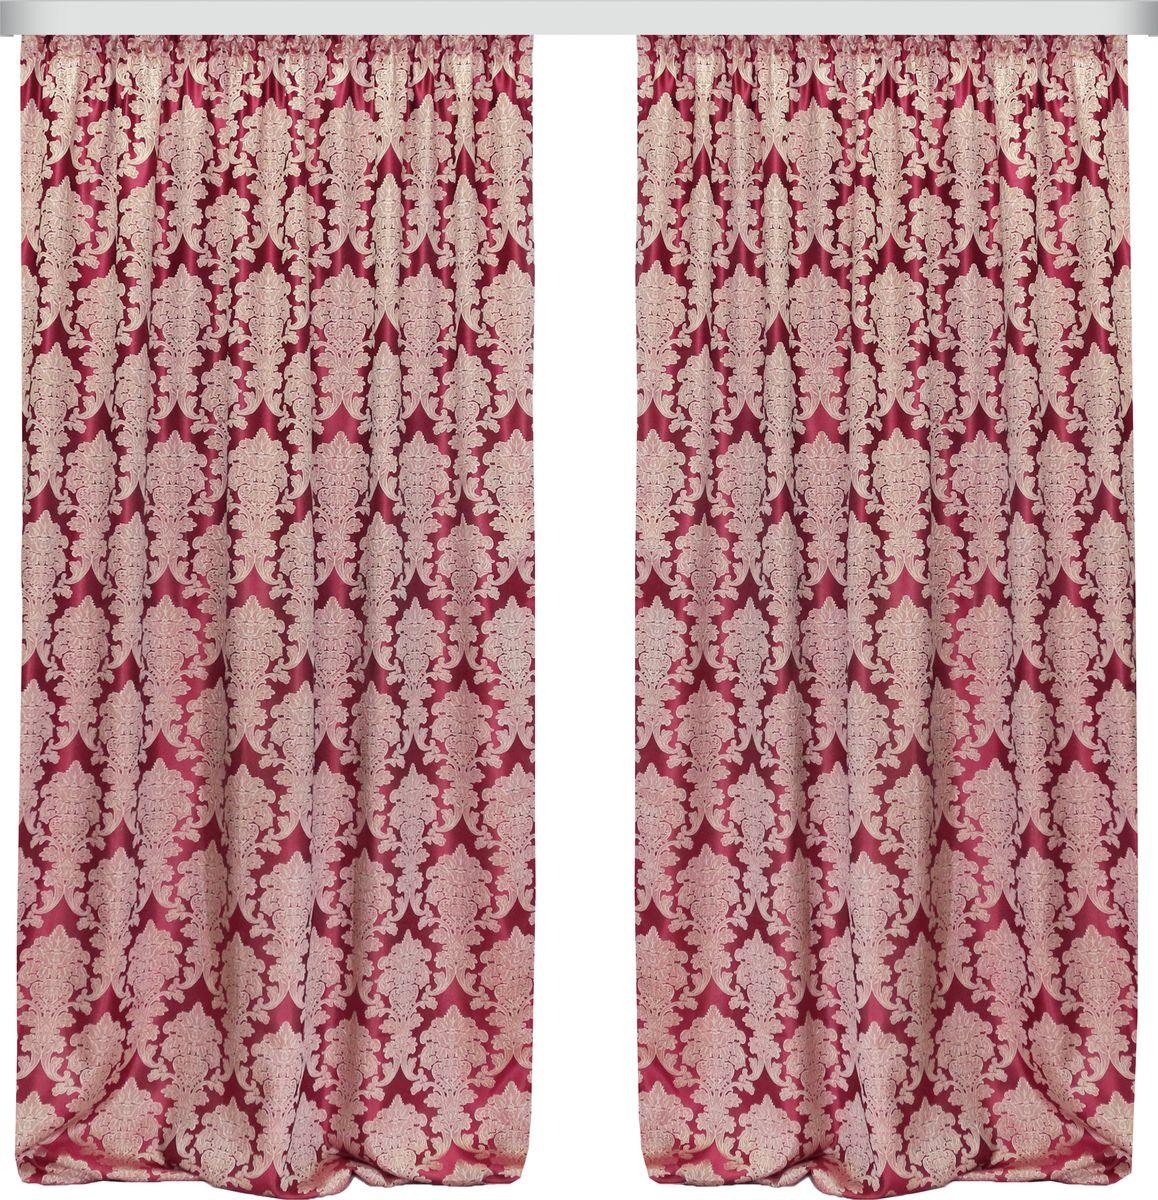 Комплект штор Zlata Korunka, на ленте, цвет: бордовый, высота 270 см. 777091777091Роскошный комплект штор Zlata Korunka комплект состоит из двух штор, выполненных из 100% полиэстера, которые великолепно украсит любоеокно. Плотная ткань, оригинальный орнамент и приятная цветовая гамма привлекут к себе внимание и органично впишутся в интерьерпомещения.Комплект крепится на карниз при помощи шторной ленты, которая поможеткрасиво и равномерно задрапировать верх. Этот комплект будет долгое время радовать вас и вашу семью!В комплект входит:Штора: 2 шт. Размер (ШхВ): 160 см х 270 см.